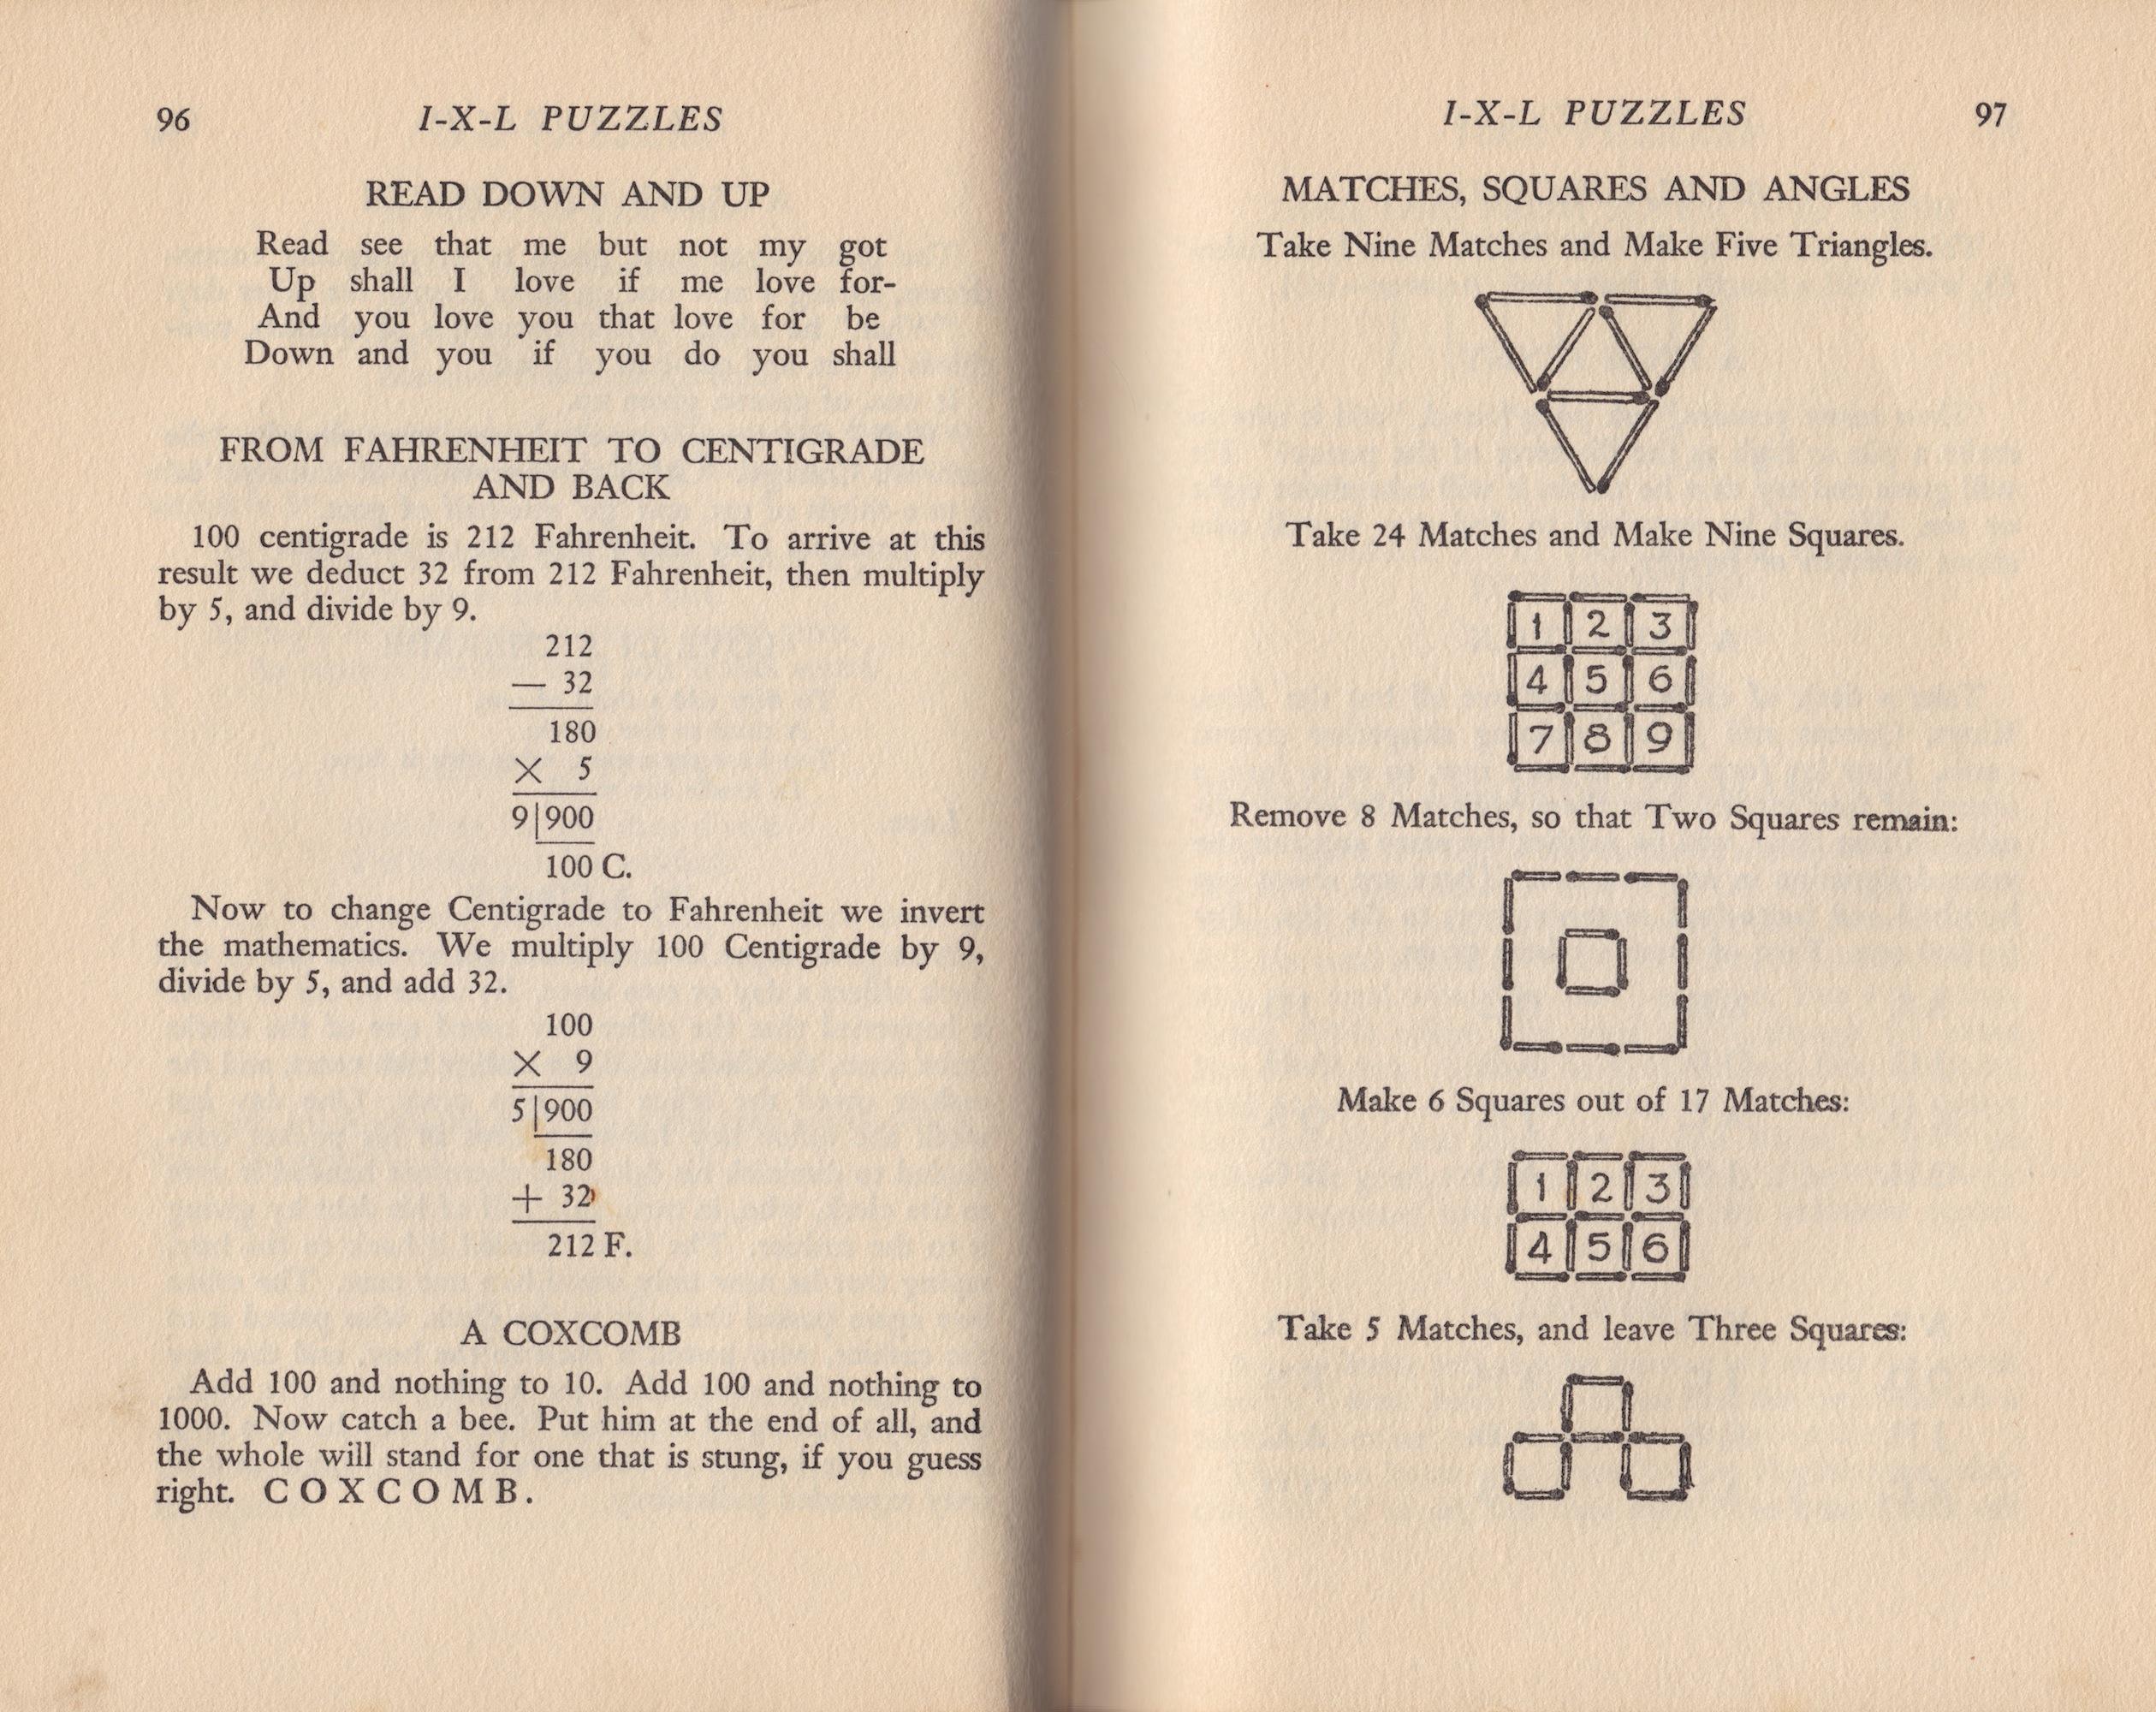 I X L Puzzle Book 1938 Copyright J A Storer